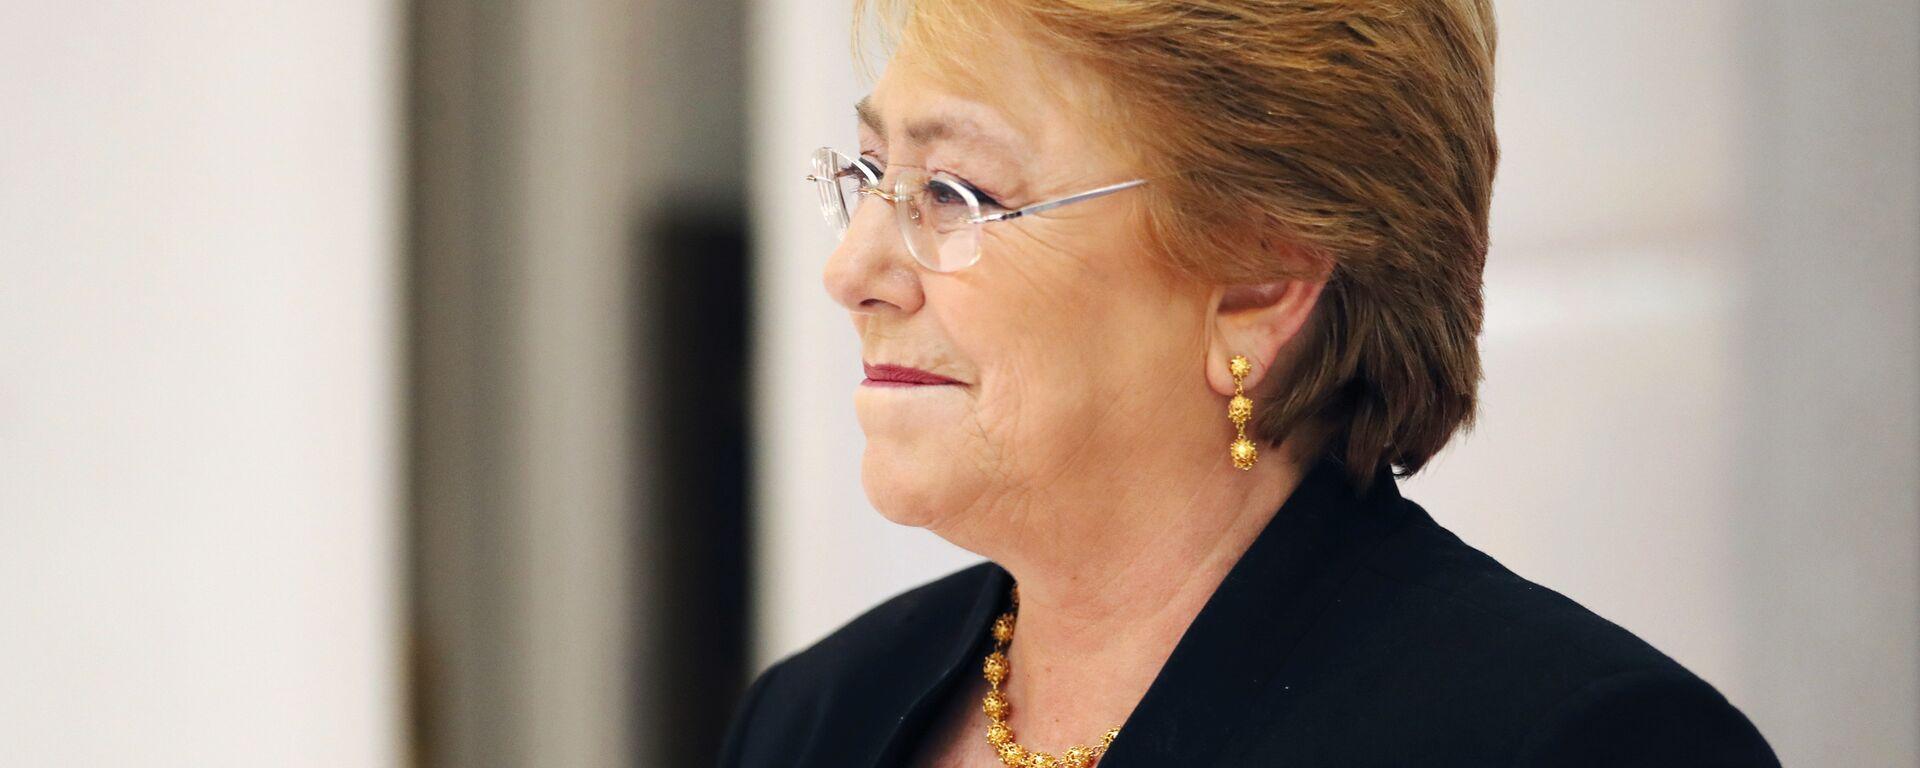 La Alta Comisionada de la ONU para los Derechos Humanos, Michelle Bachelet - Sputnik Mundo, 1920, 28.05.2021